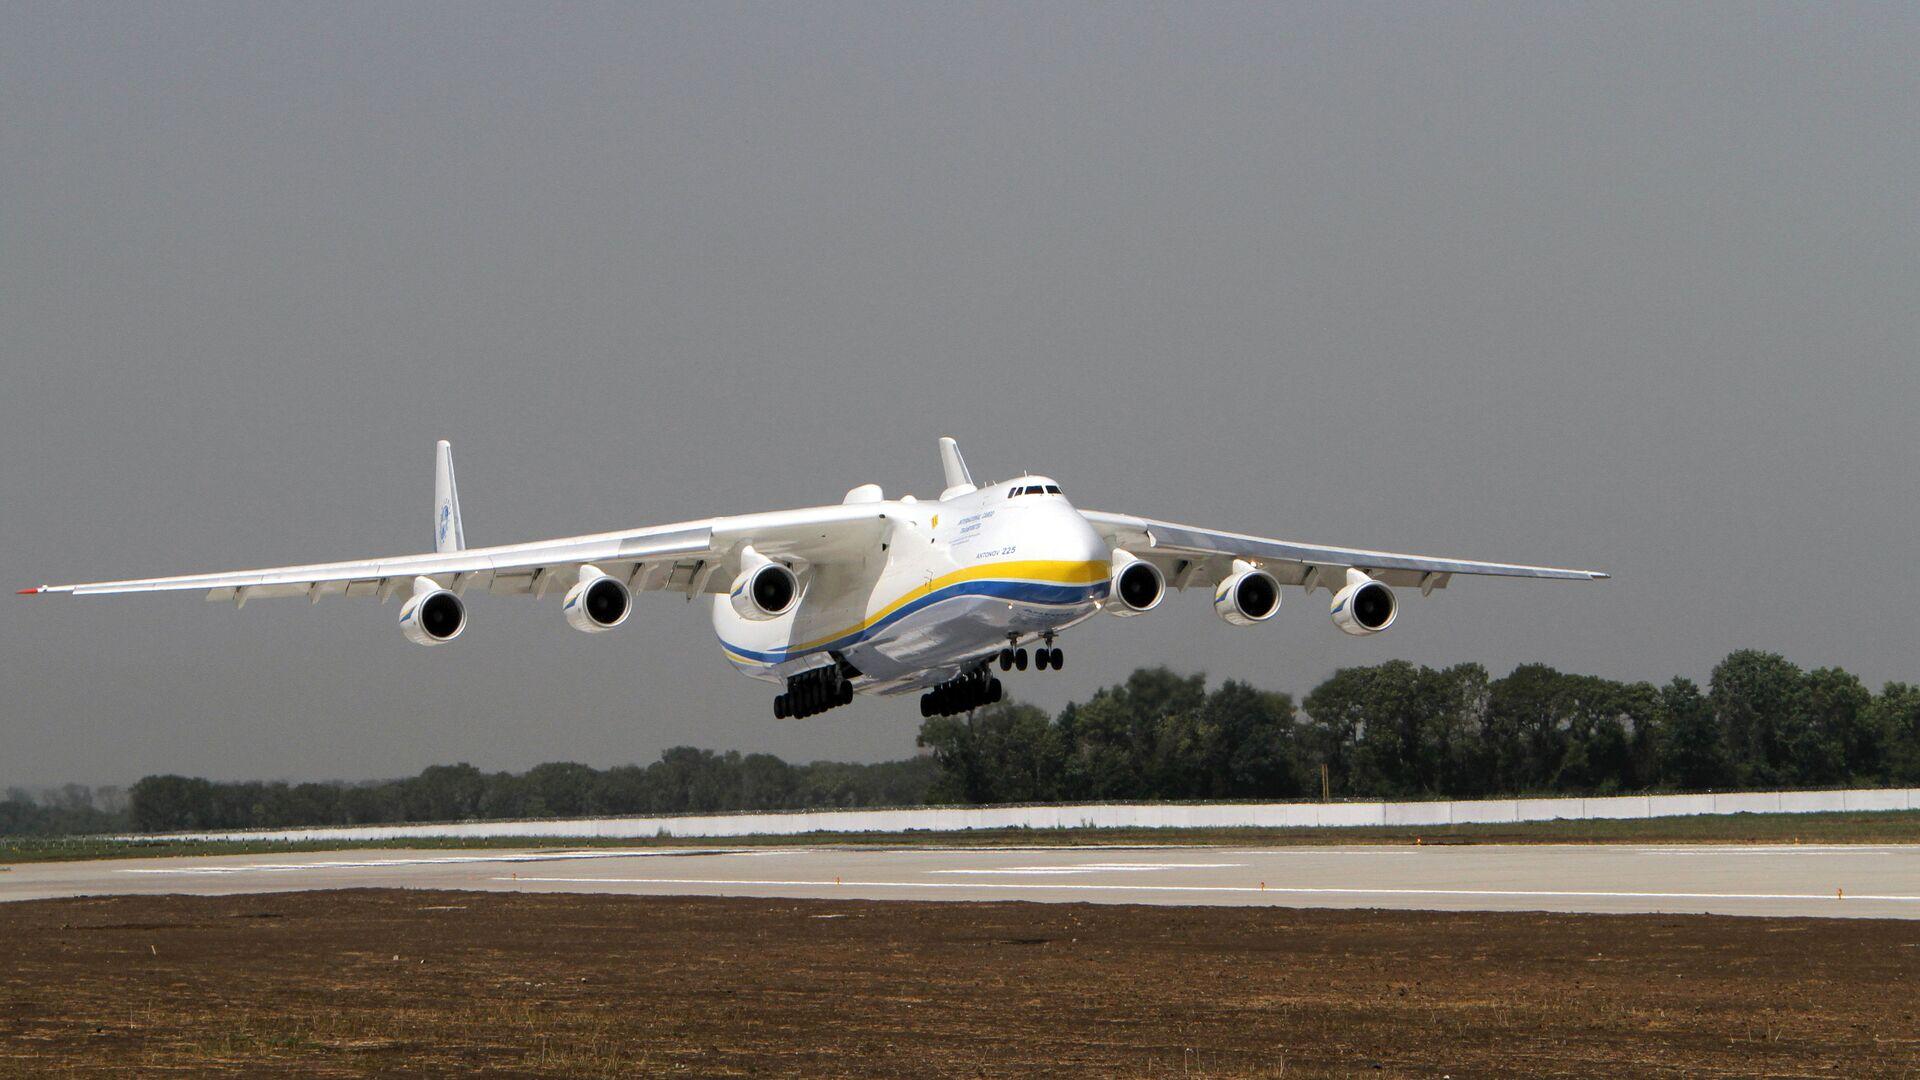 El avión de carga más grande del mundo, el Antonov An-225 Mriya  - Sputnik Italia, 1920, 09.07.2021